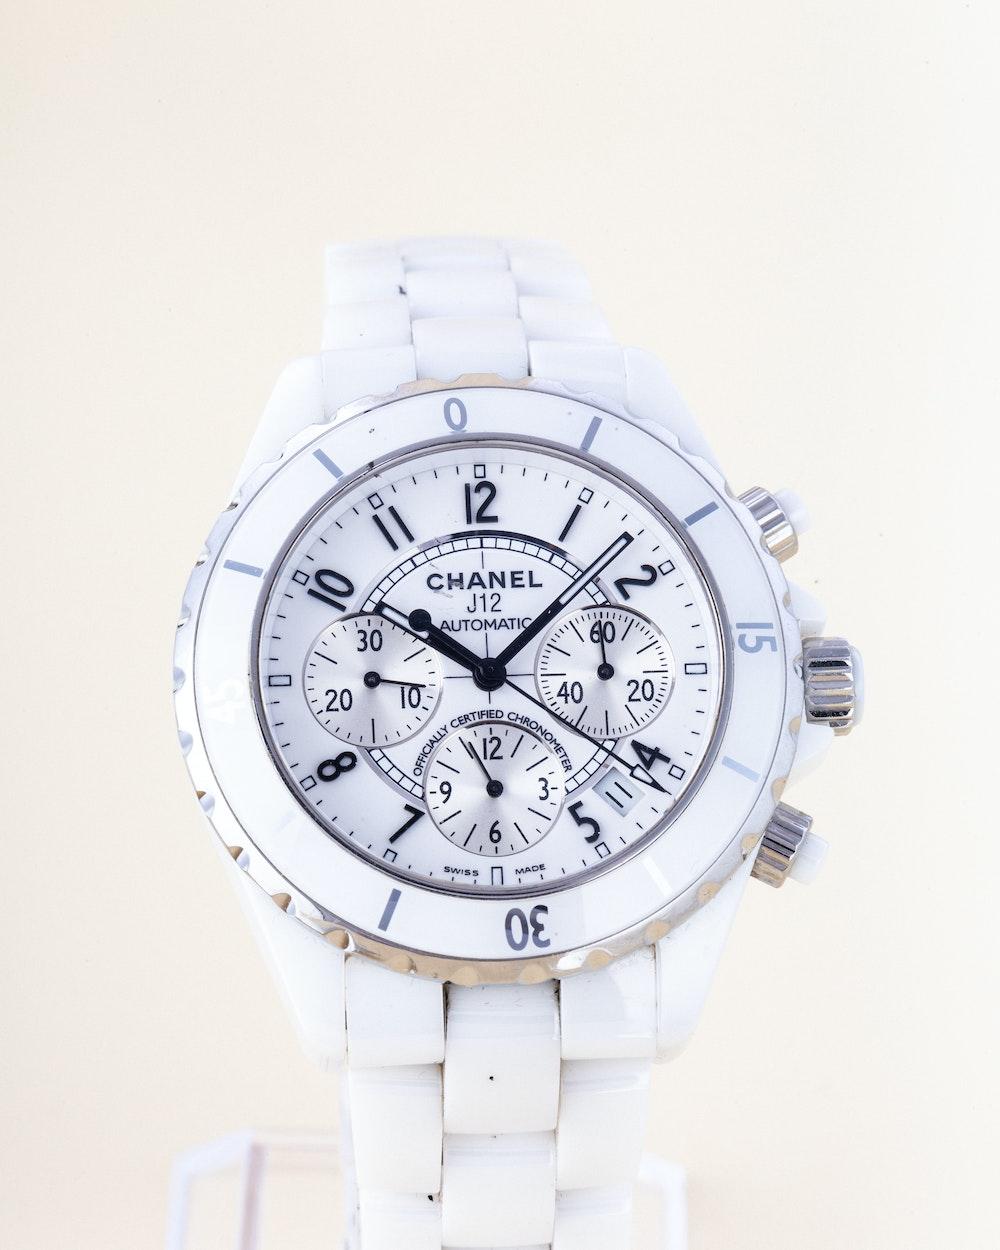 008 170718 Vivrelle Product1762